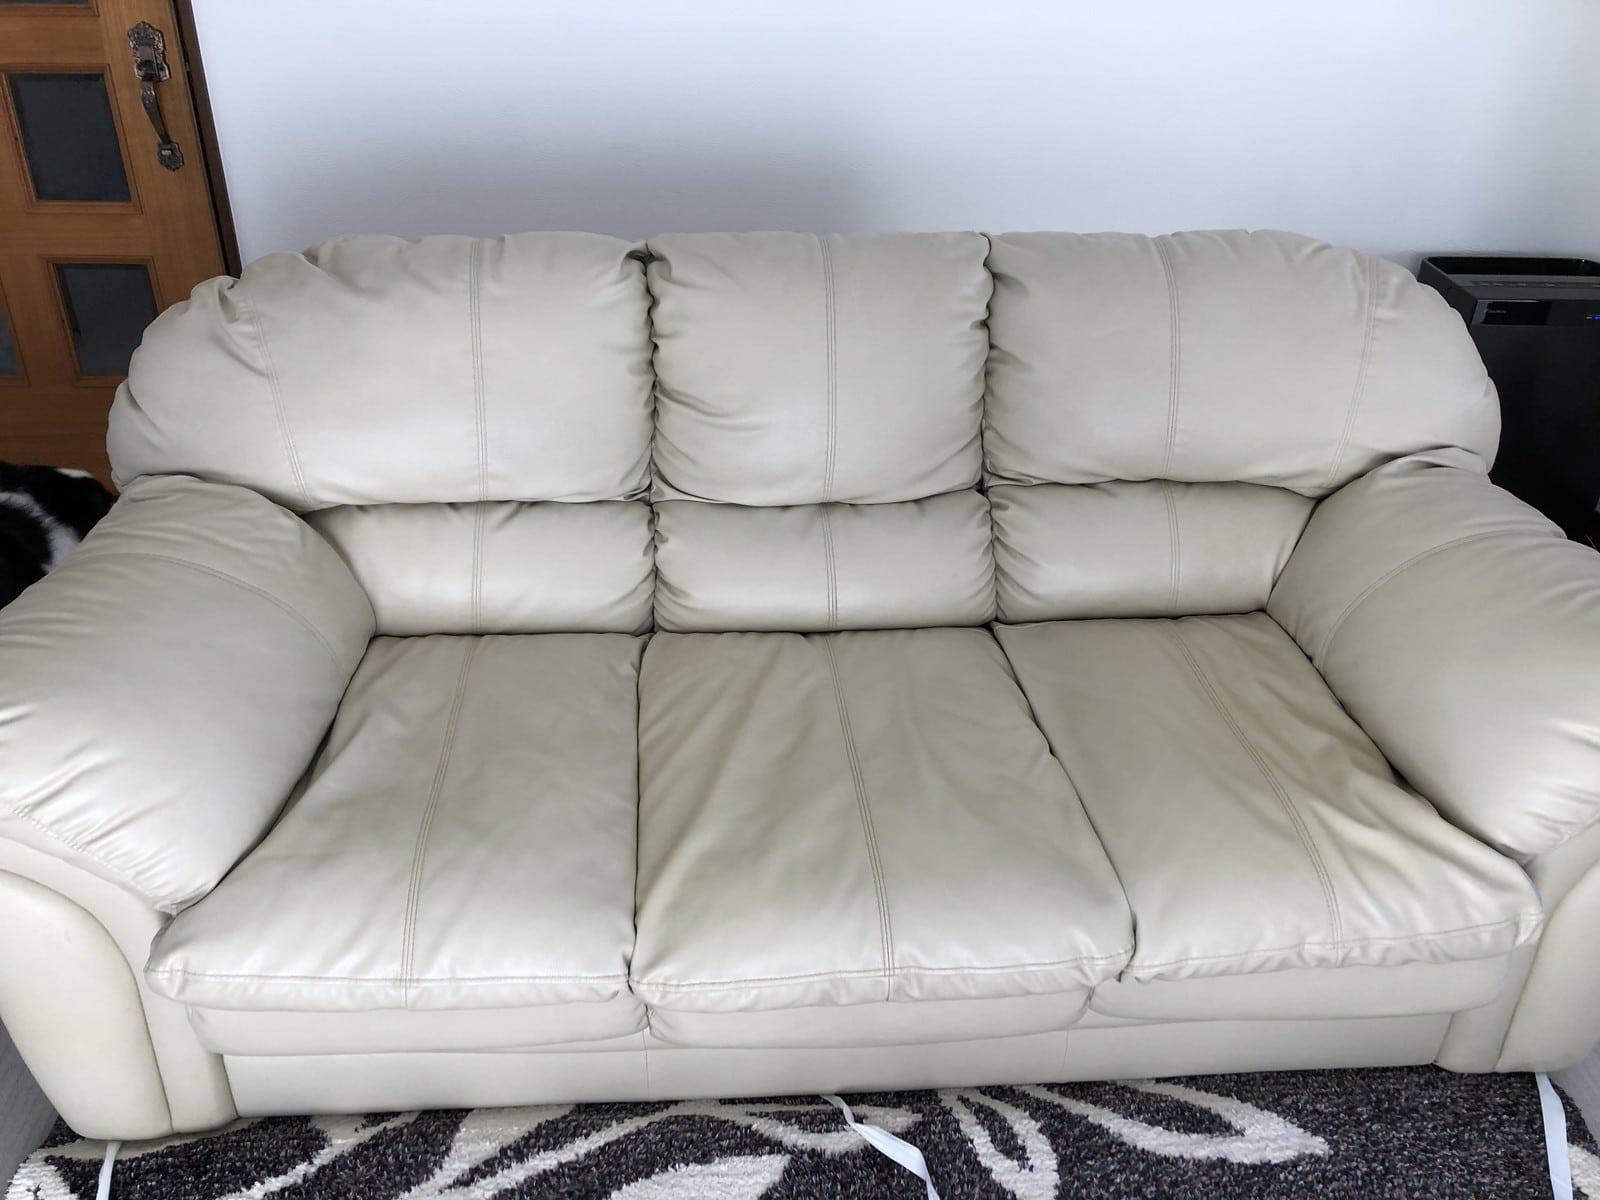 修理前のレザーのソファー|座面がヘタっている